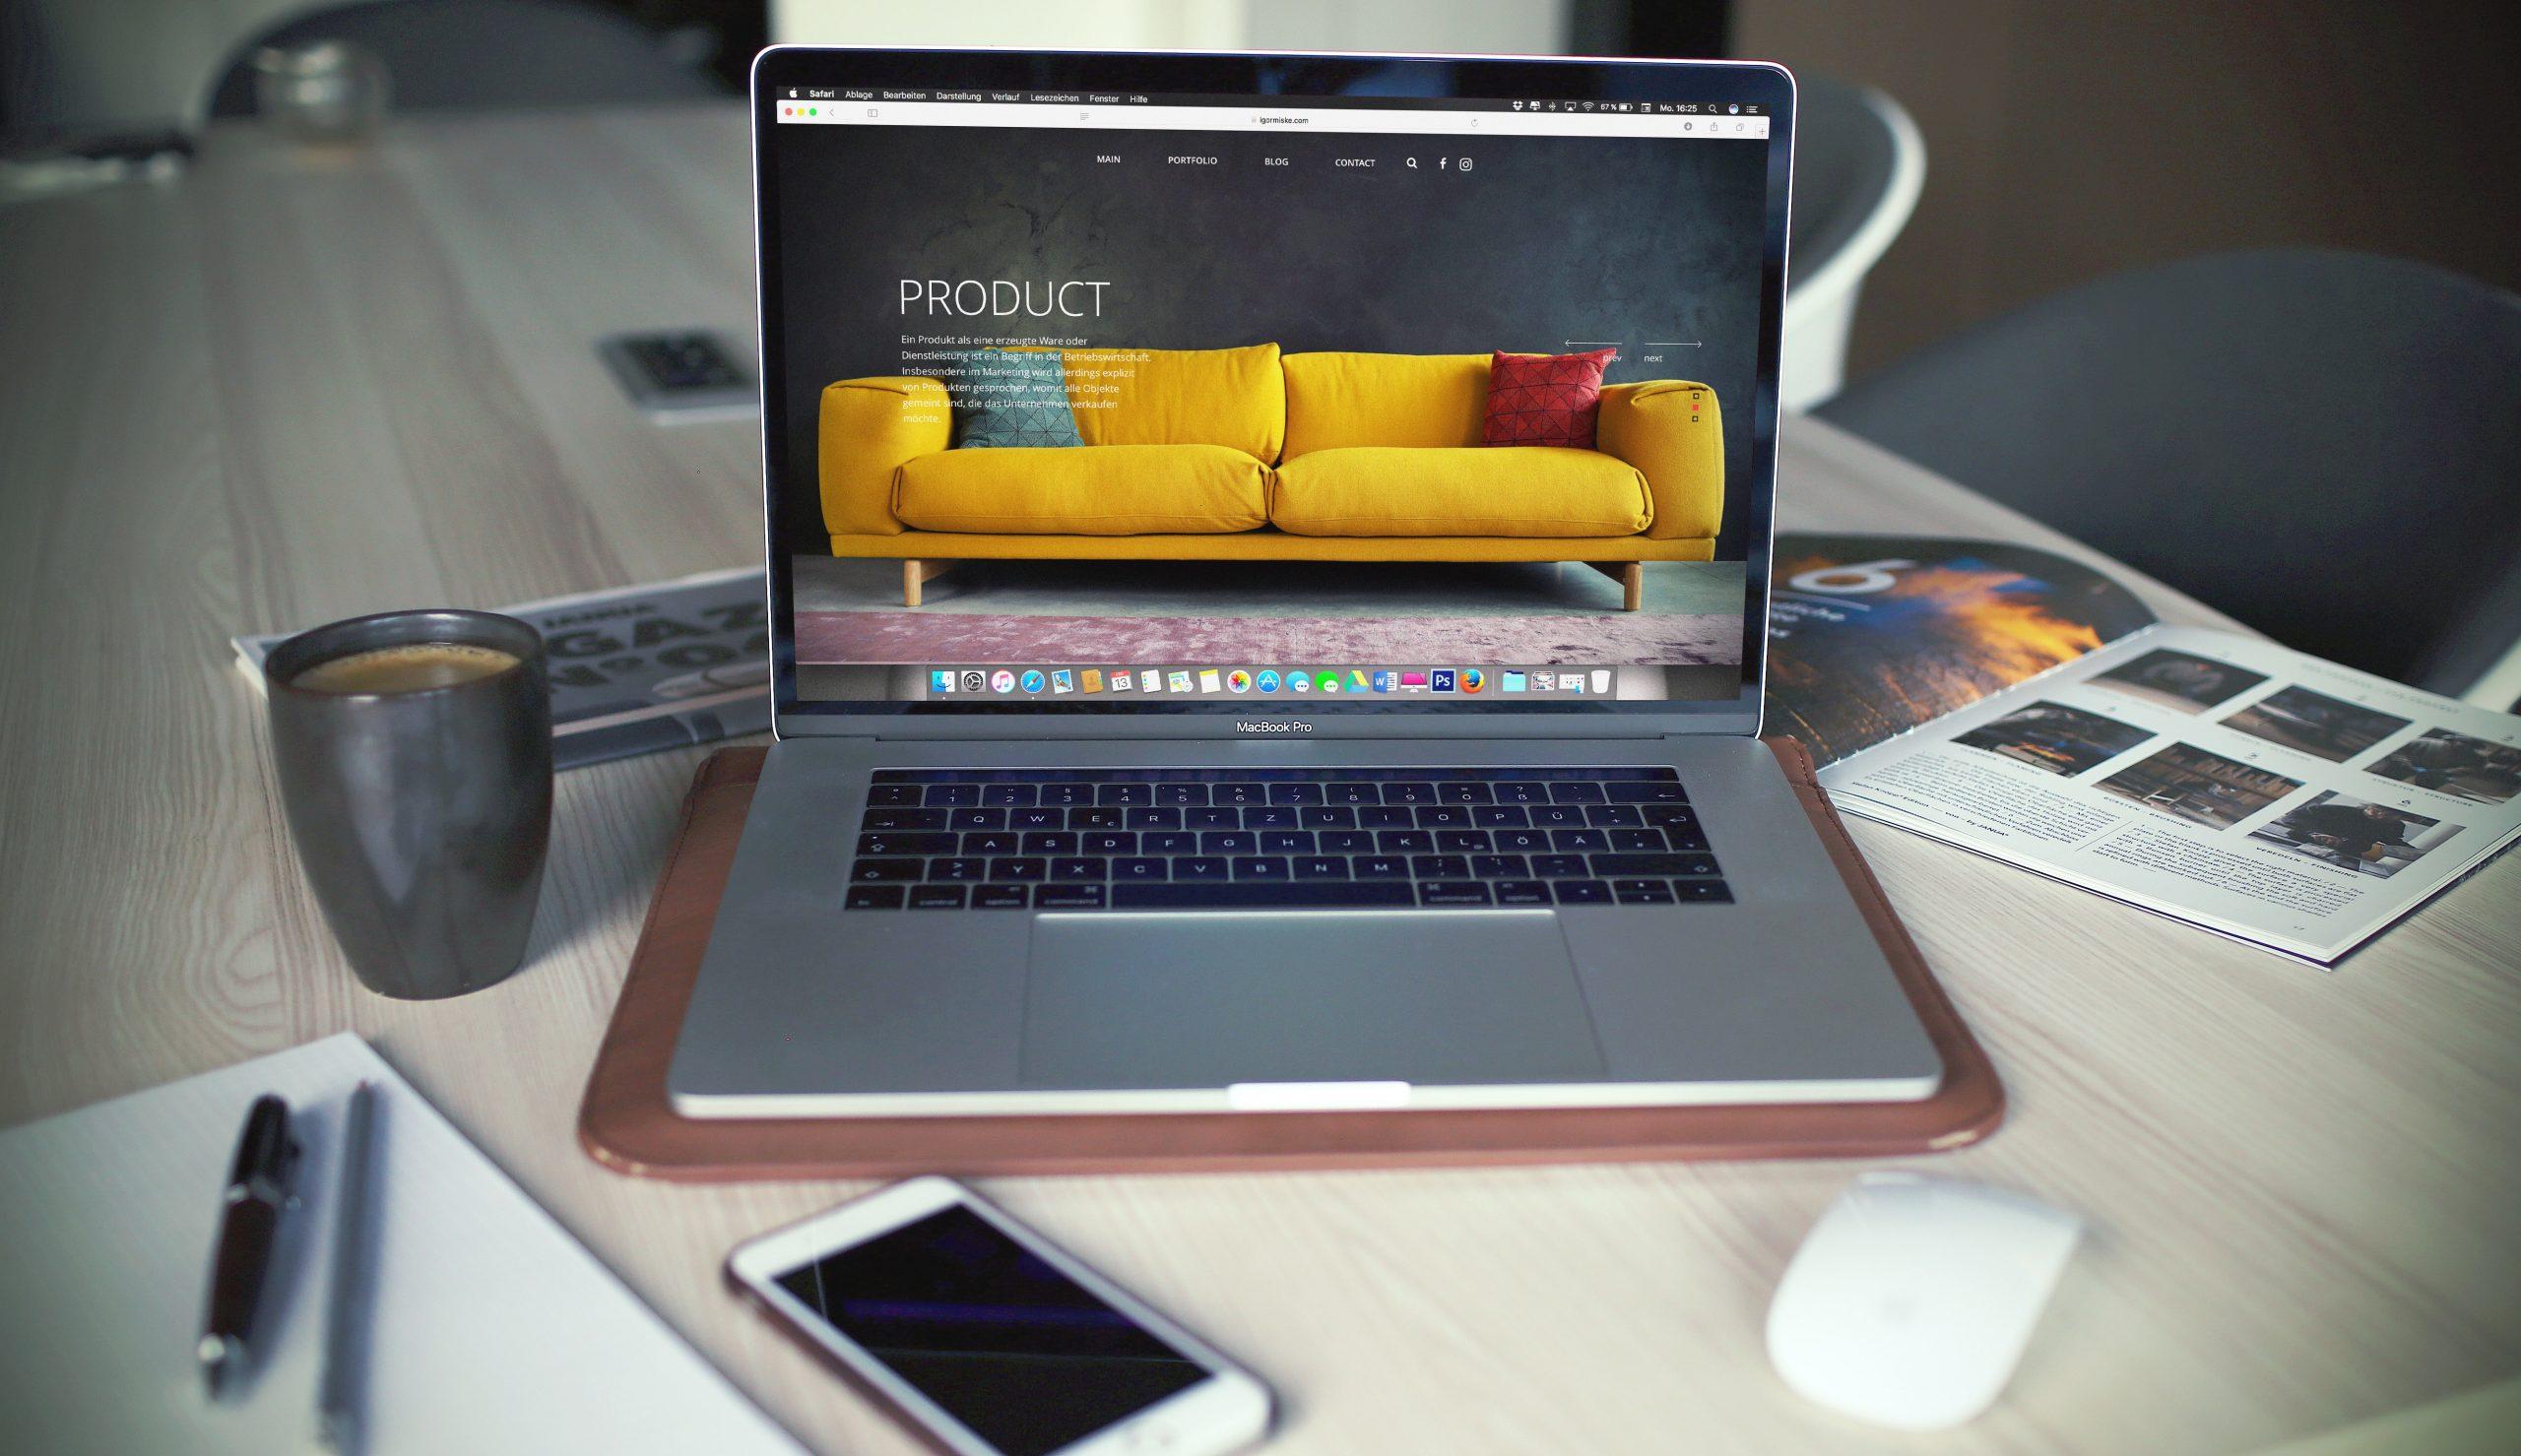 Agence web Vendée Challans, refonte de site internet, application...